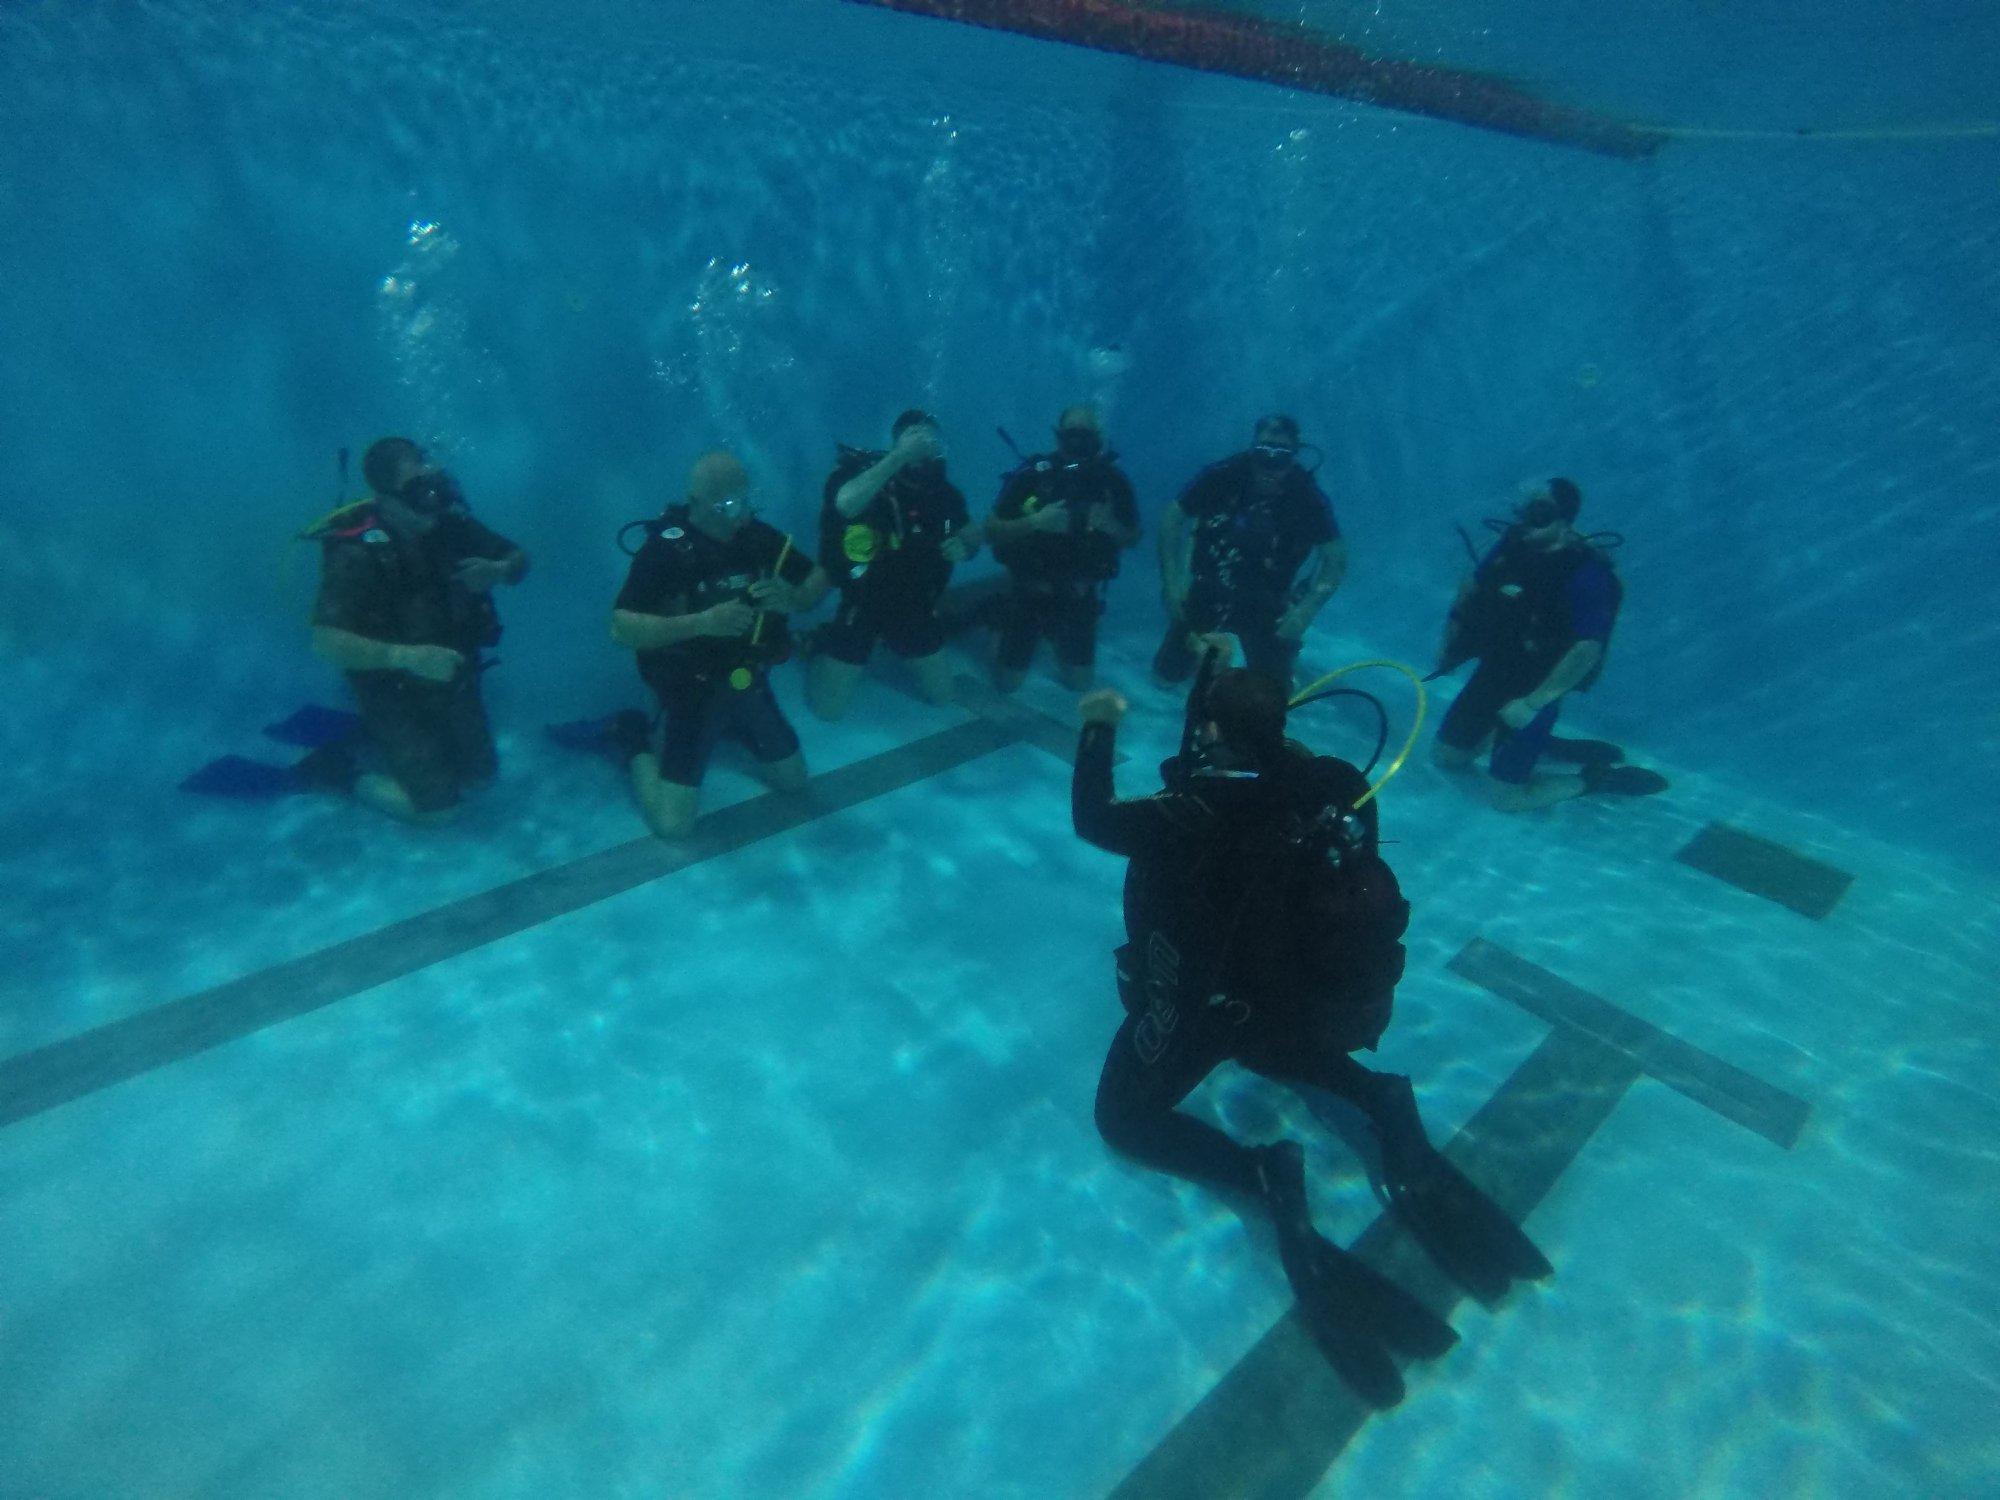 αναπνέοντας στο νερό μάθημα κατάδυσης